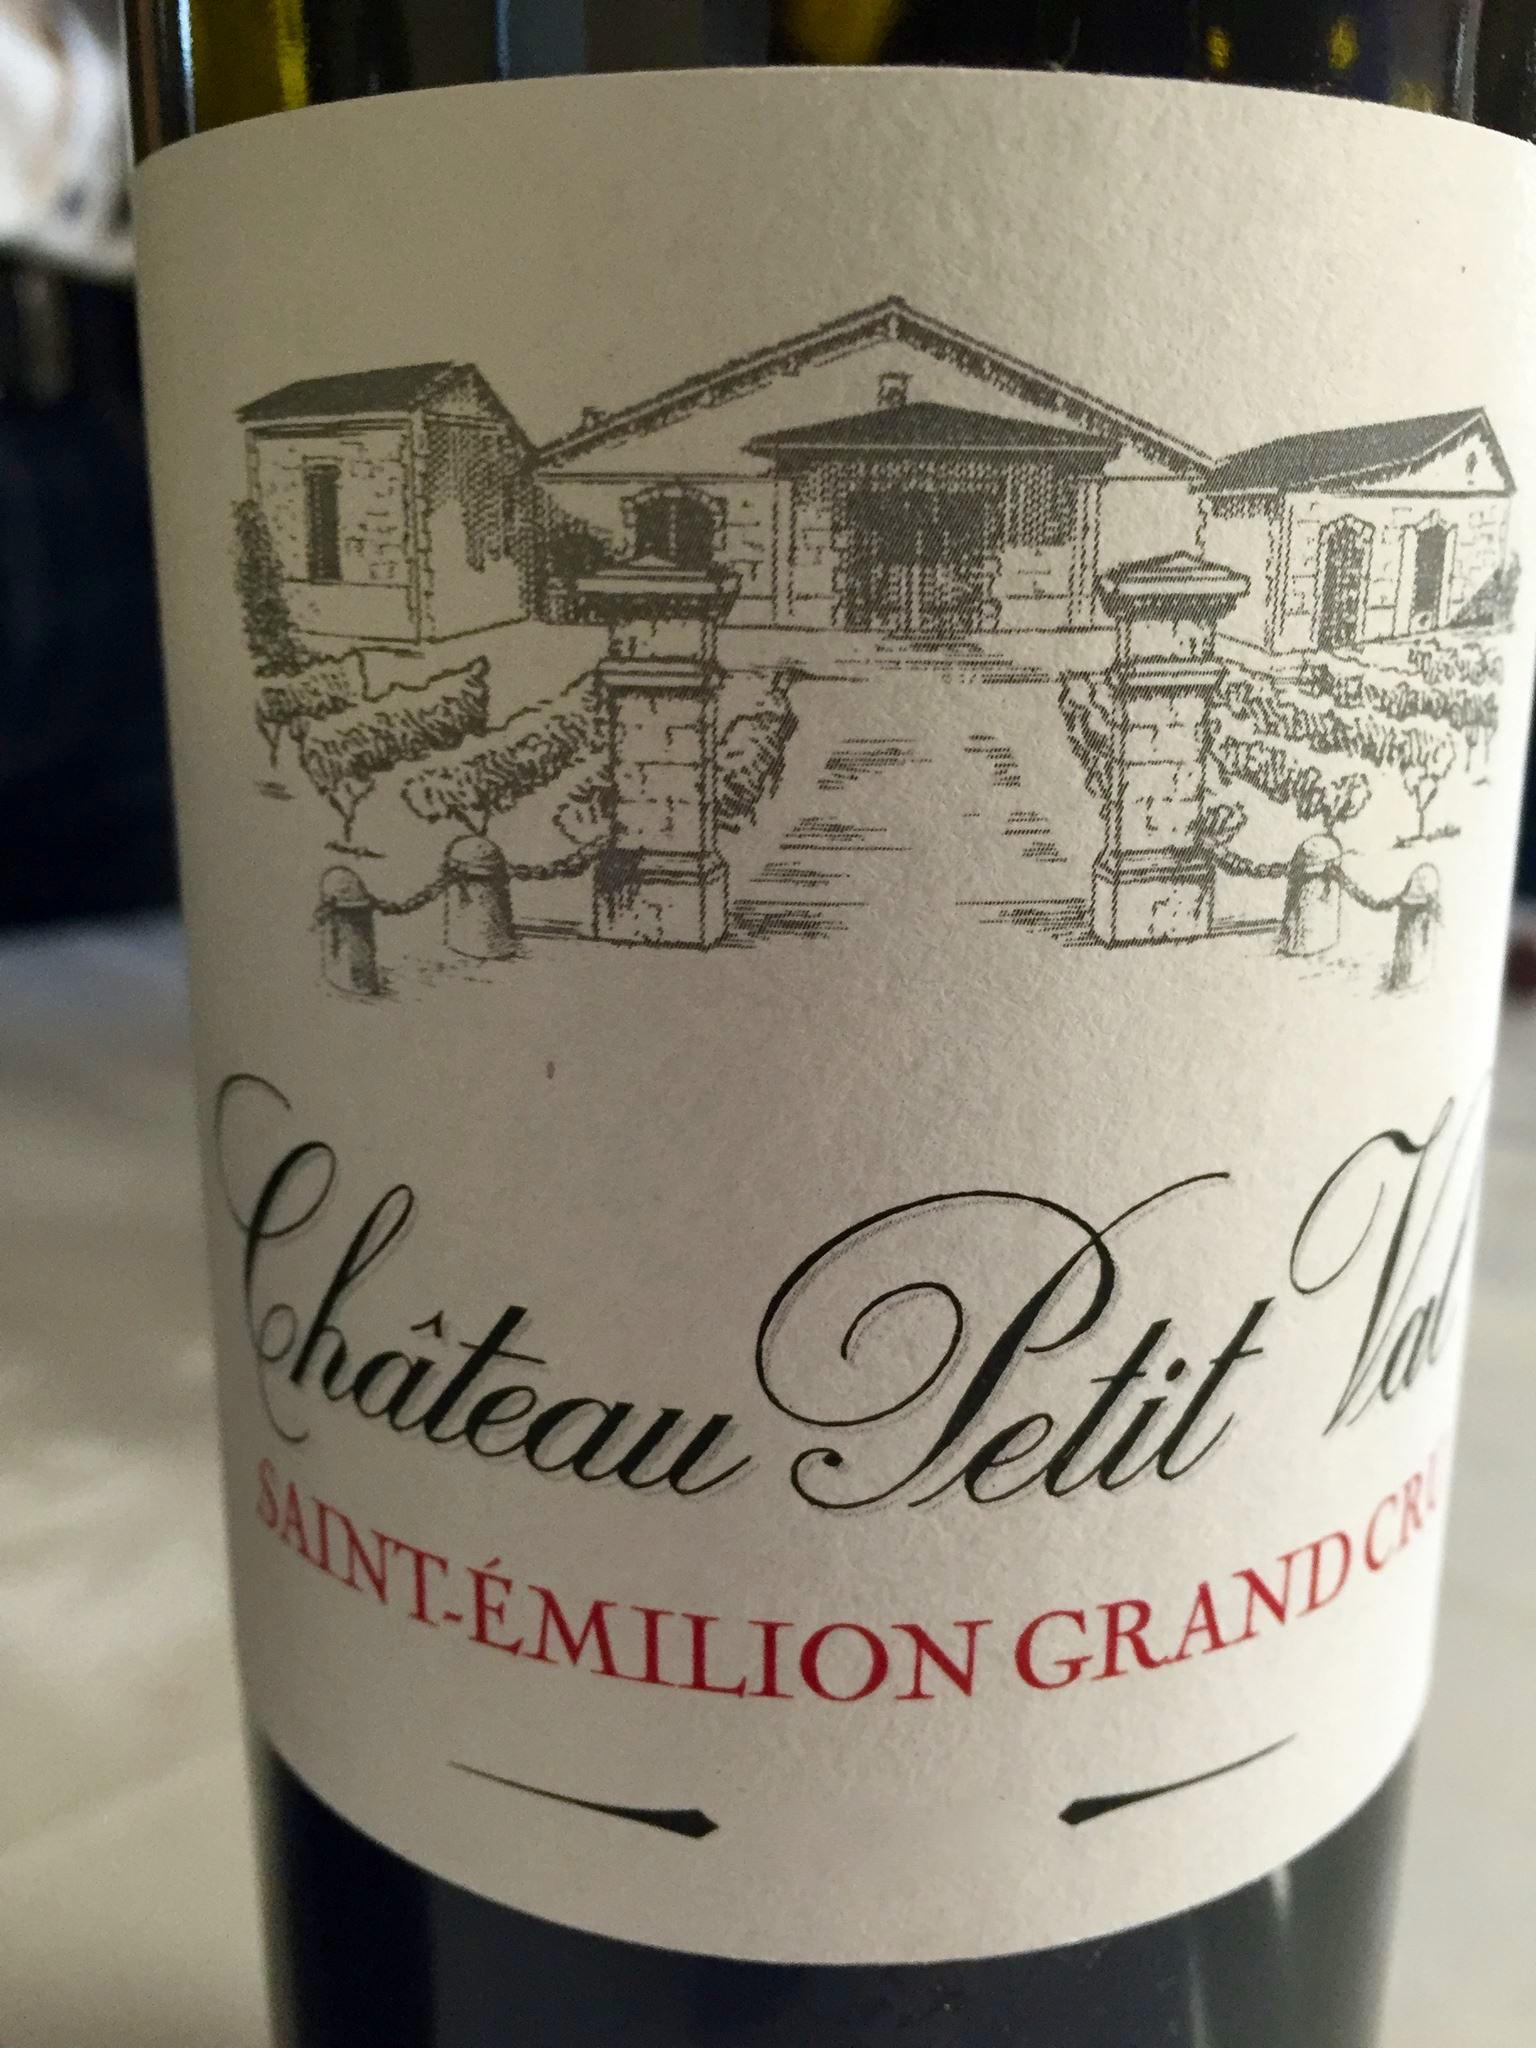 Château Petit Val – Cuvée A 2015 – Saint-Emilion Grand